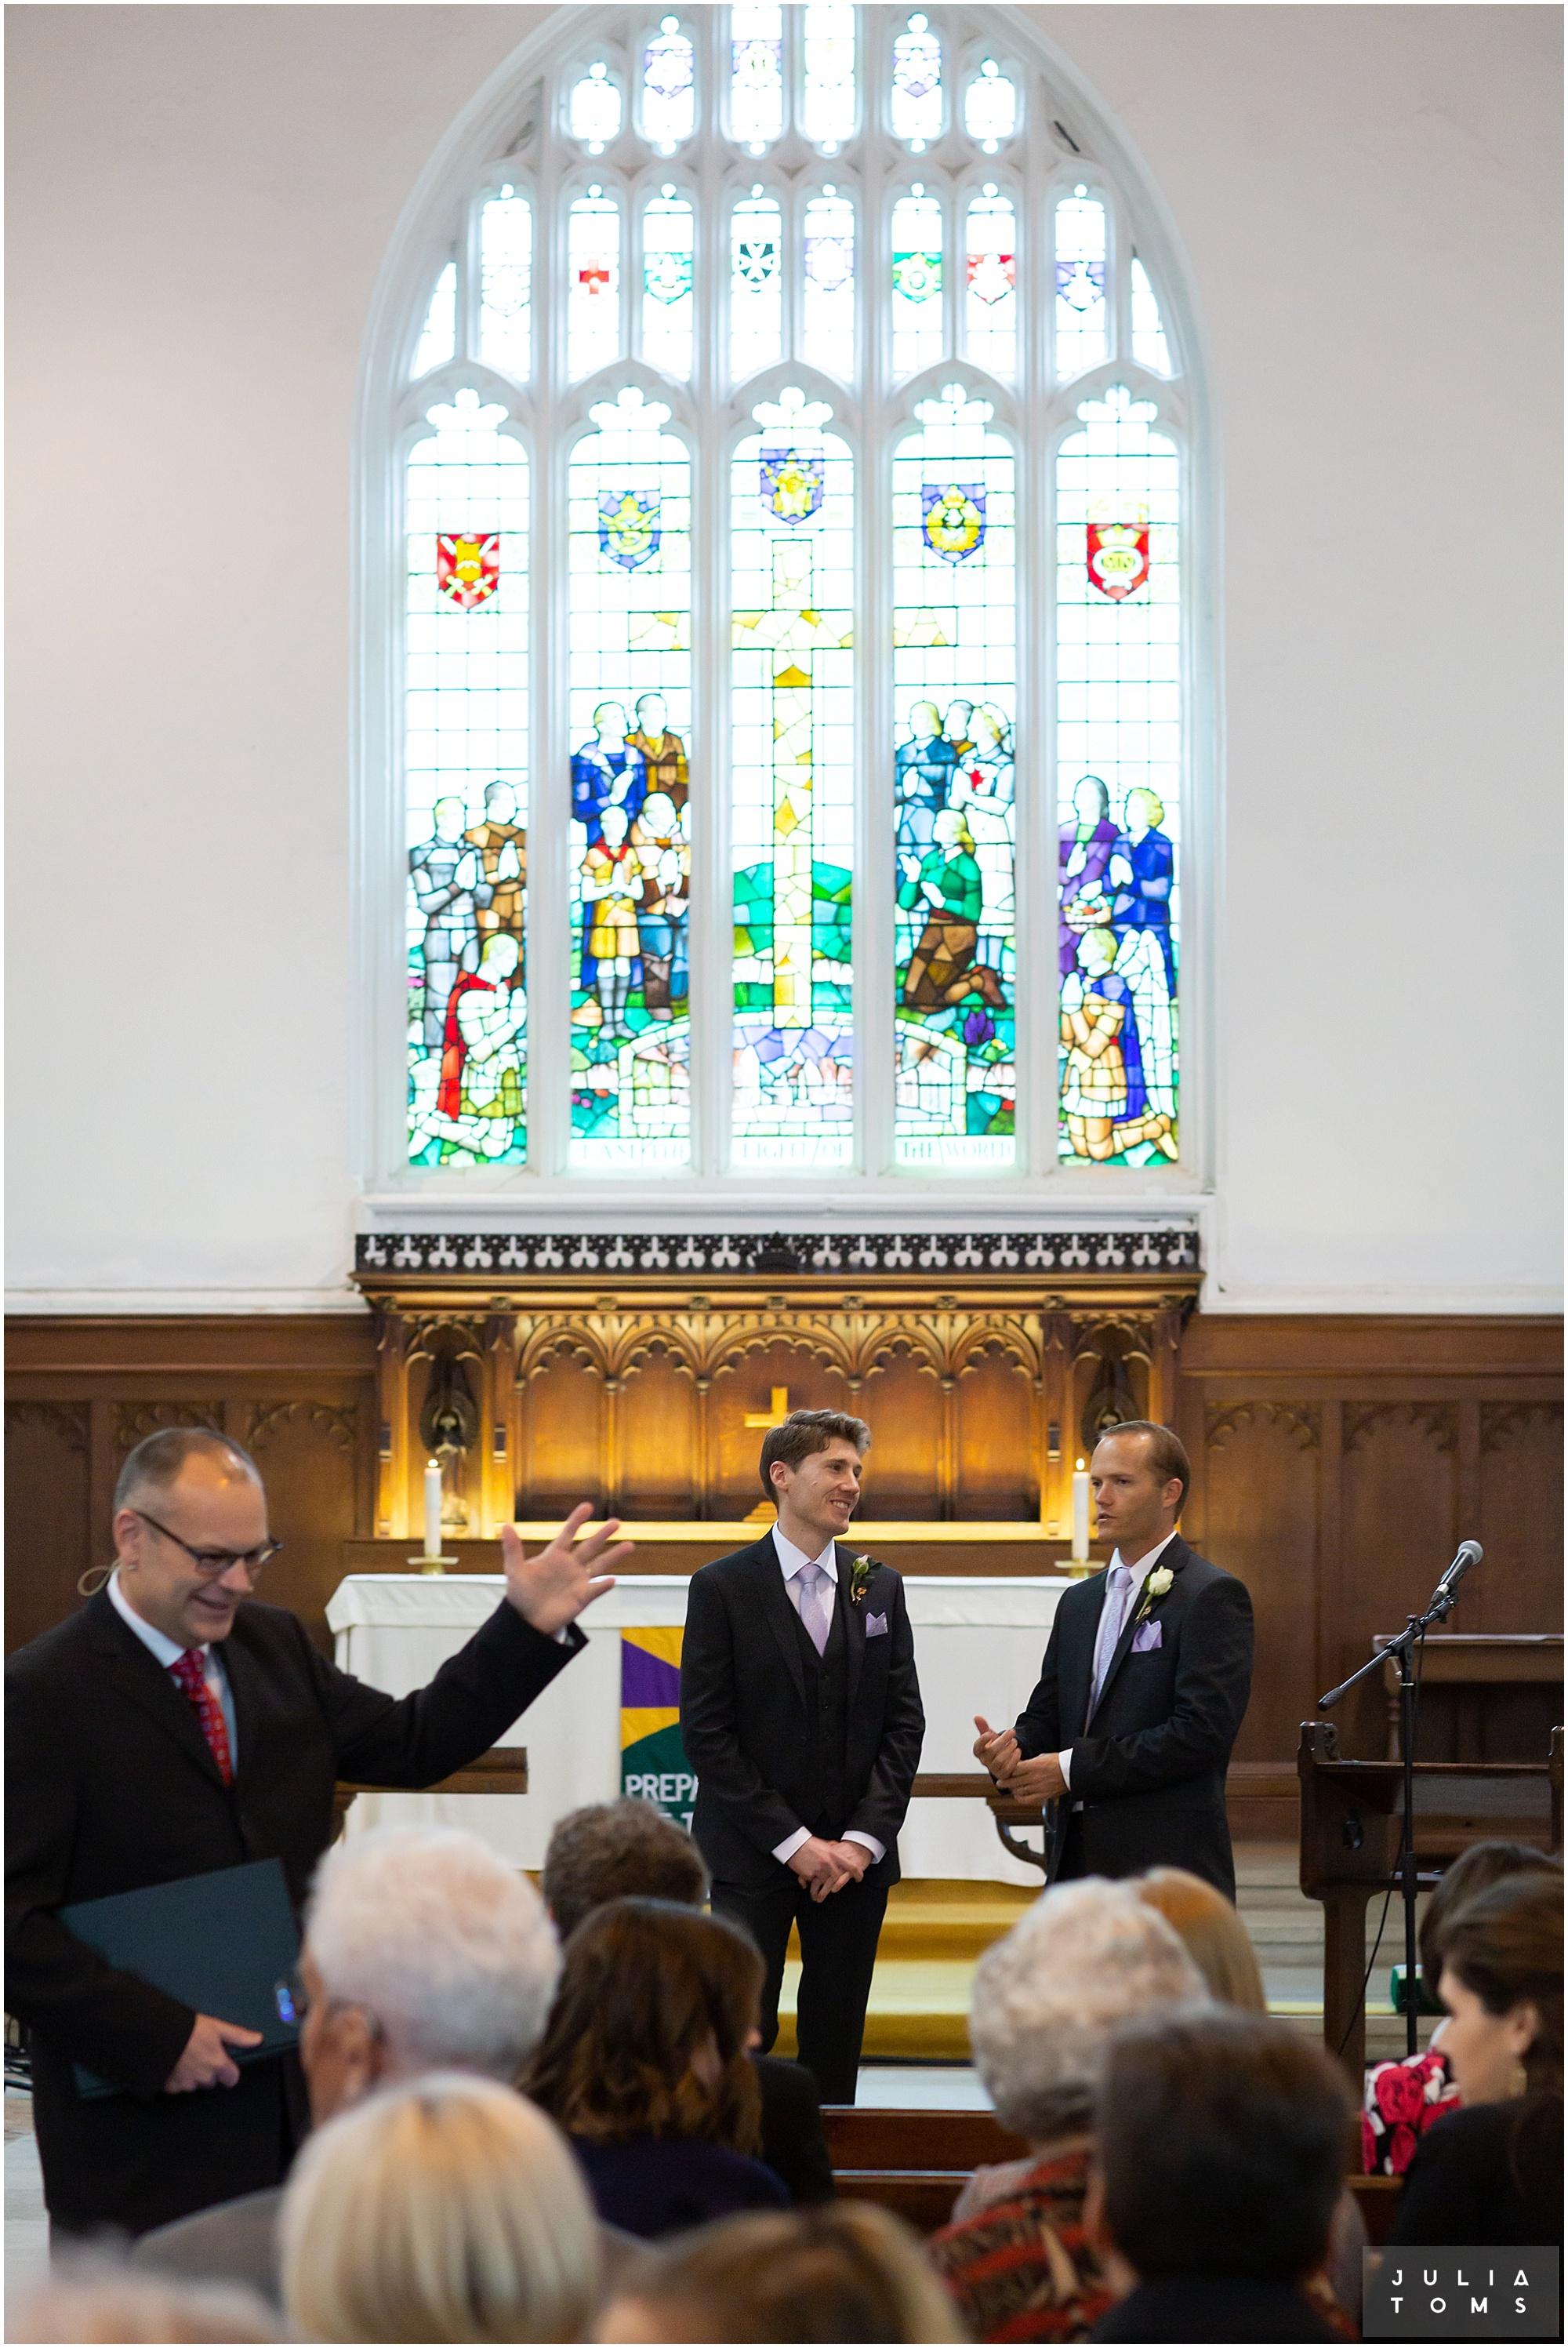 juliatoms_christian_wedding_photogtapher_midhurst_002.jpg